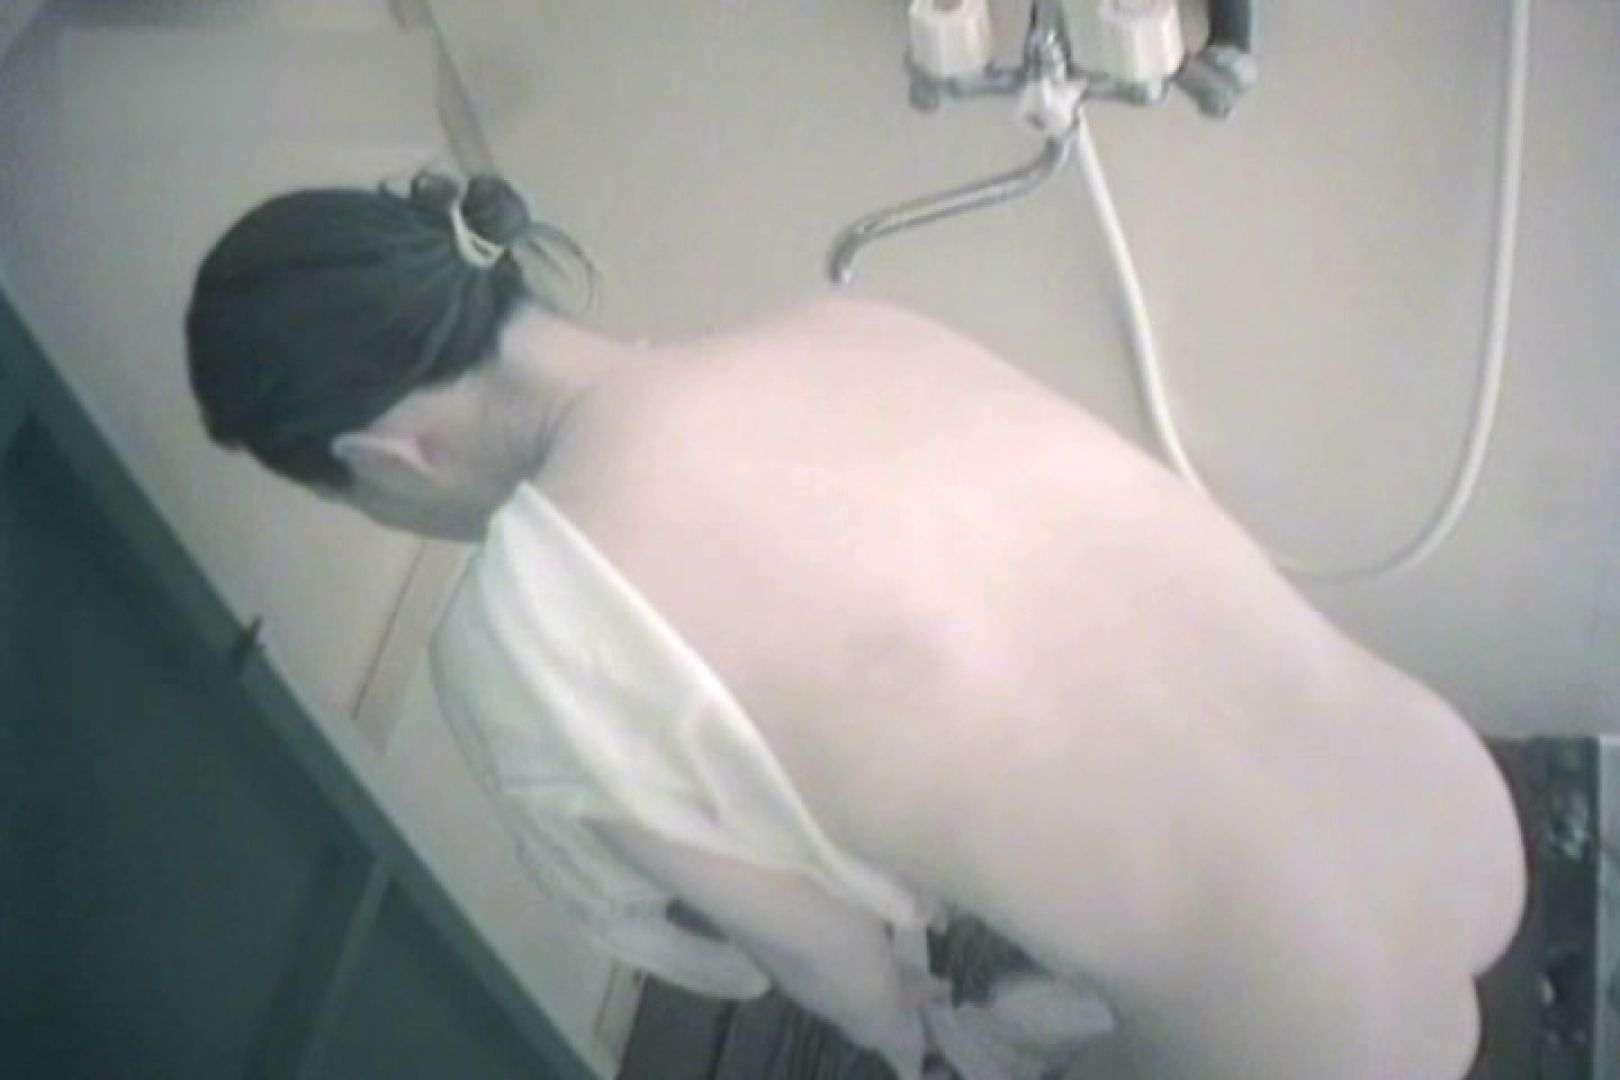 夏海シャワー室!ベトベトお肌をサラサラに!VOL.02 シャワー室 | シャワー  63PIX 21